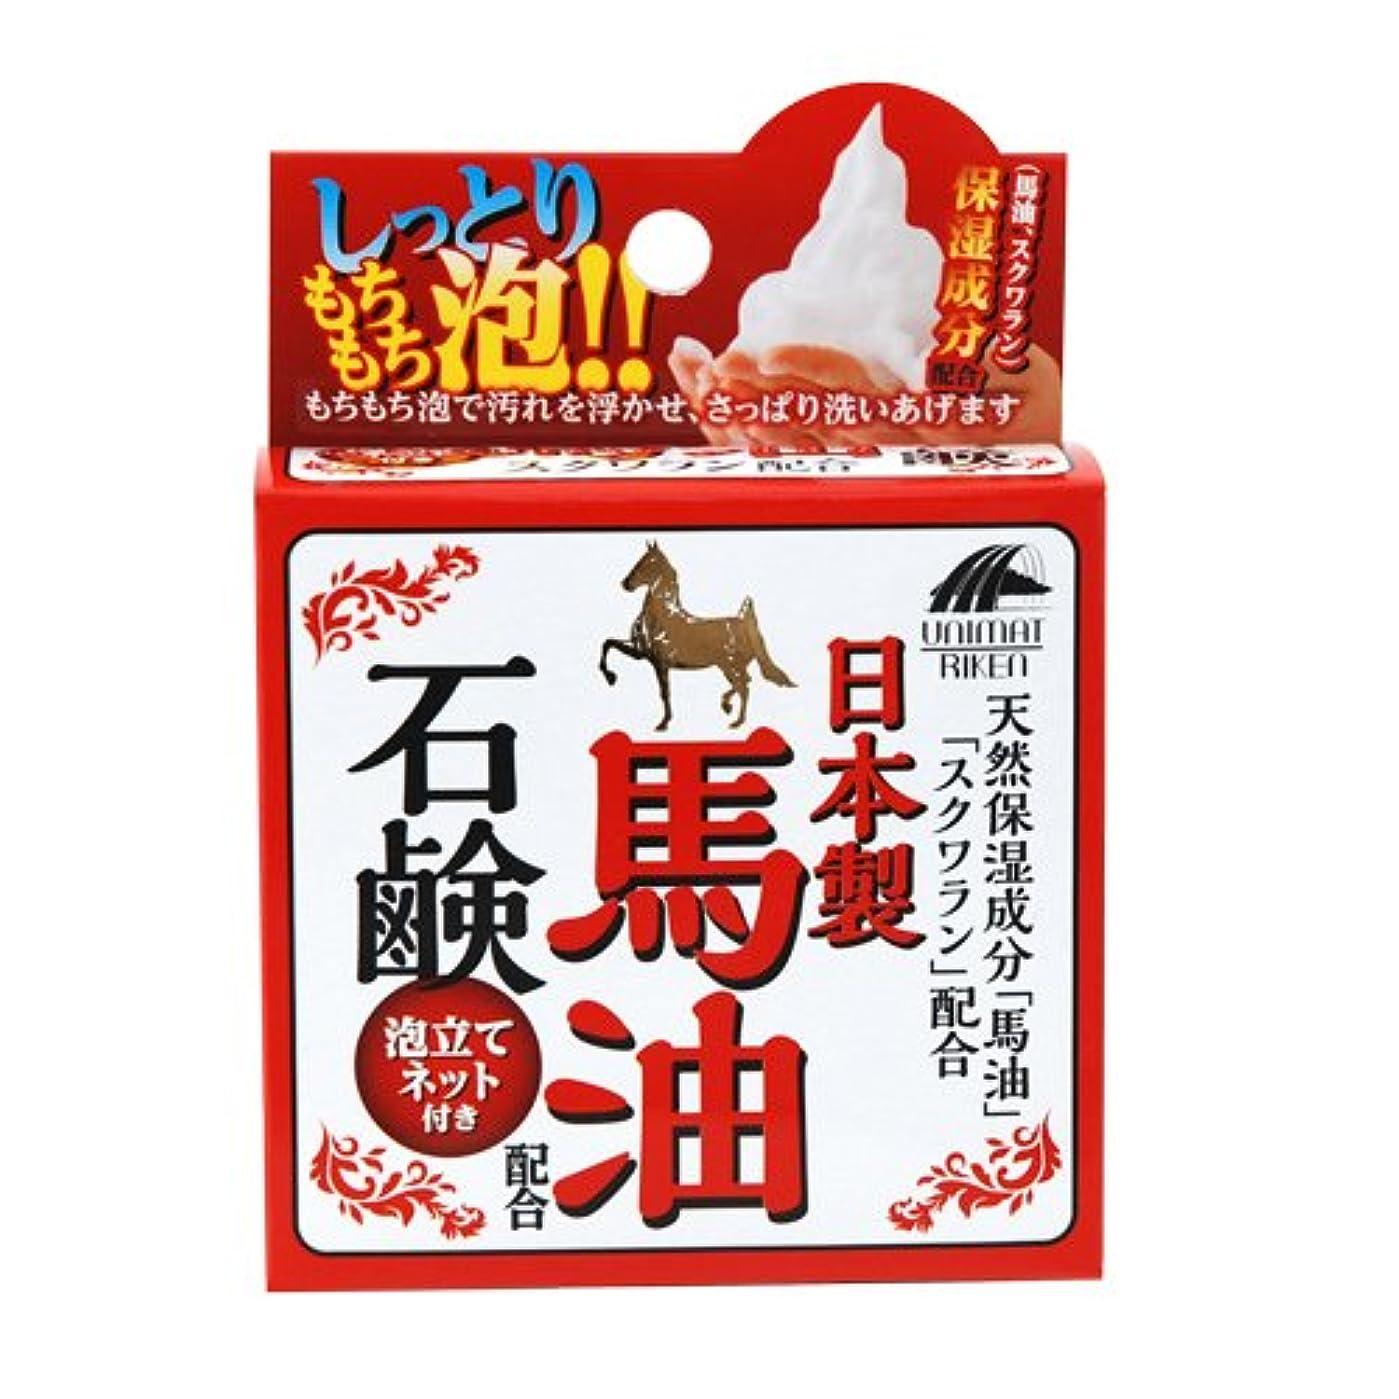 達成可能振り向く贅沢なユニマットリケン馬油石鹸100g(10個購入価額)